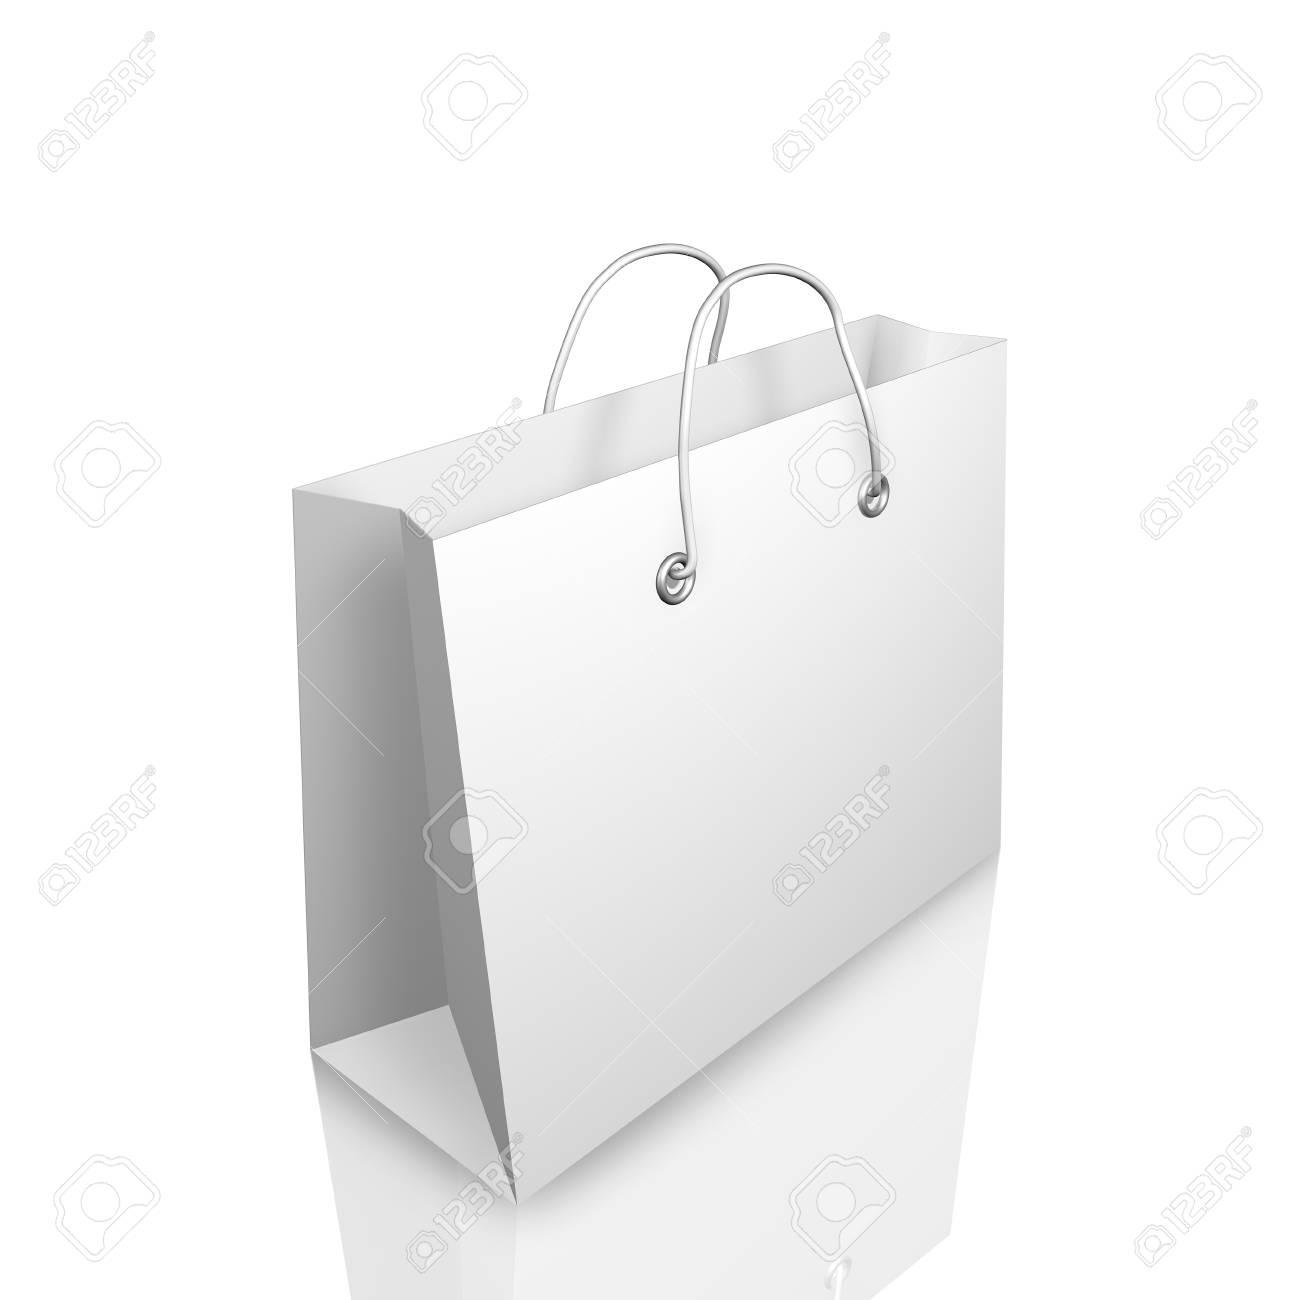 3d Shopping Bag Illustraion Isolated on White Background Stock Photo - 8573977